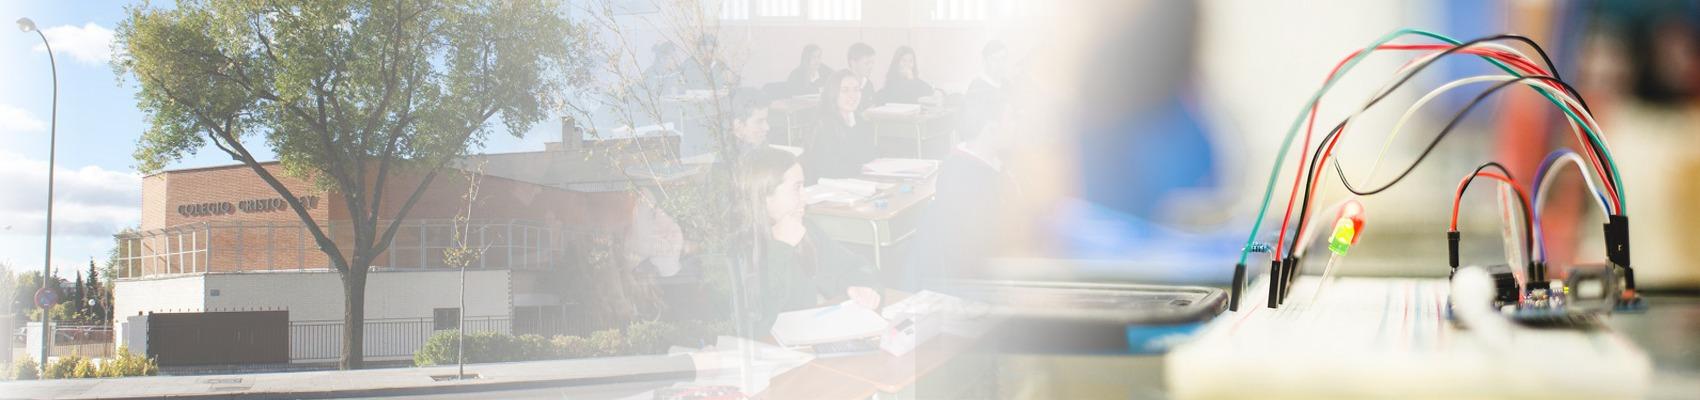 Colegio Cristo Rey Madrid